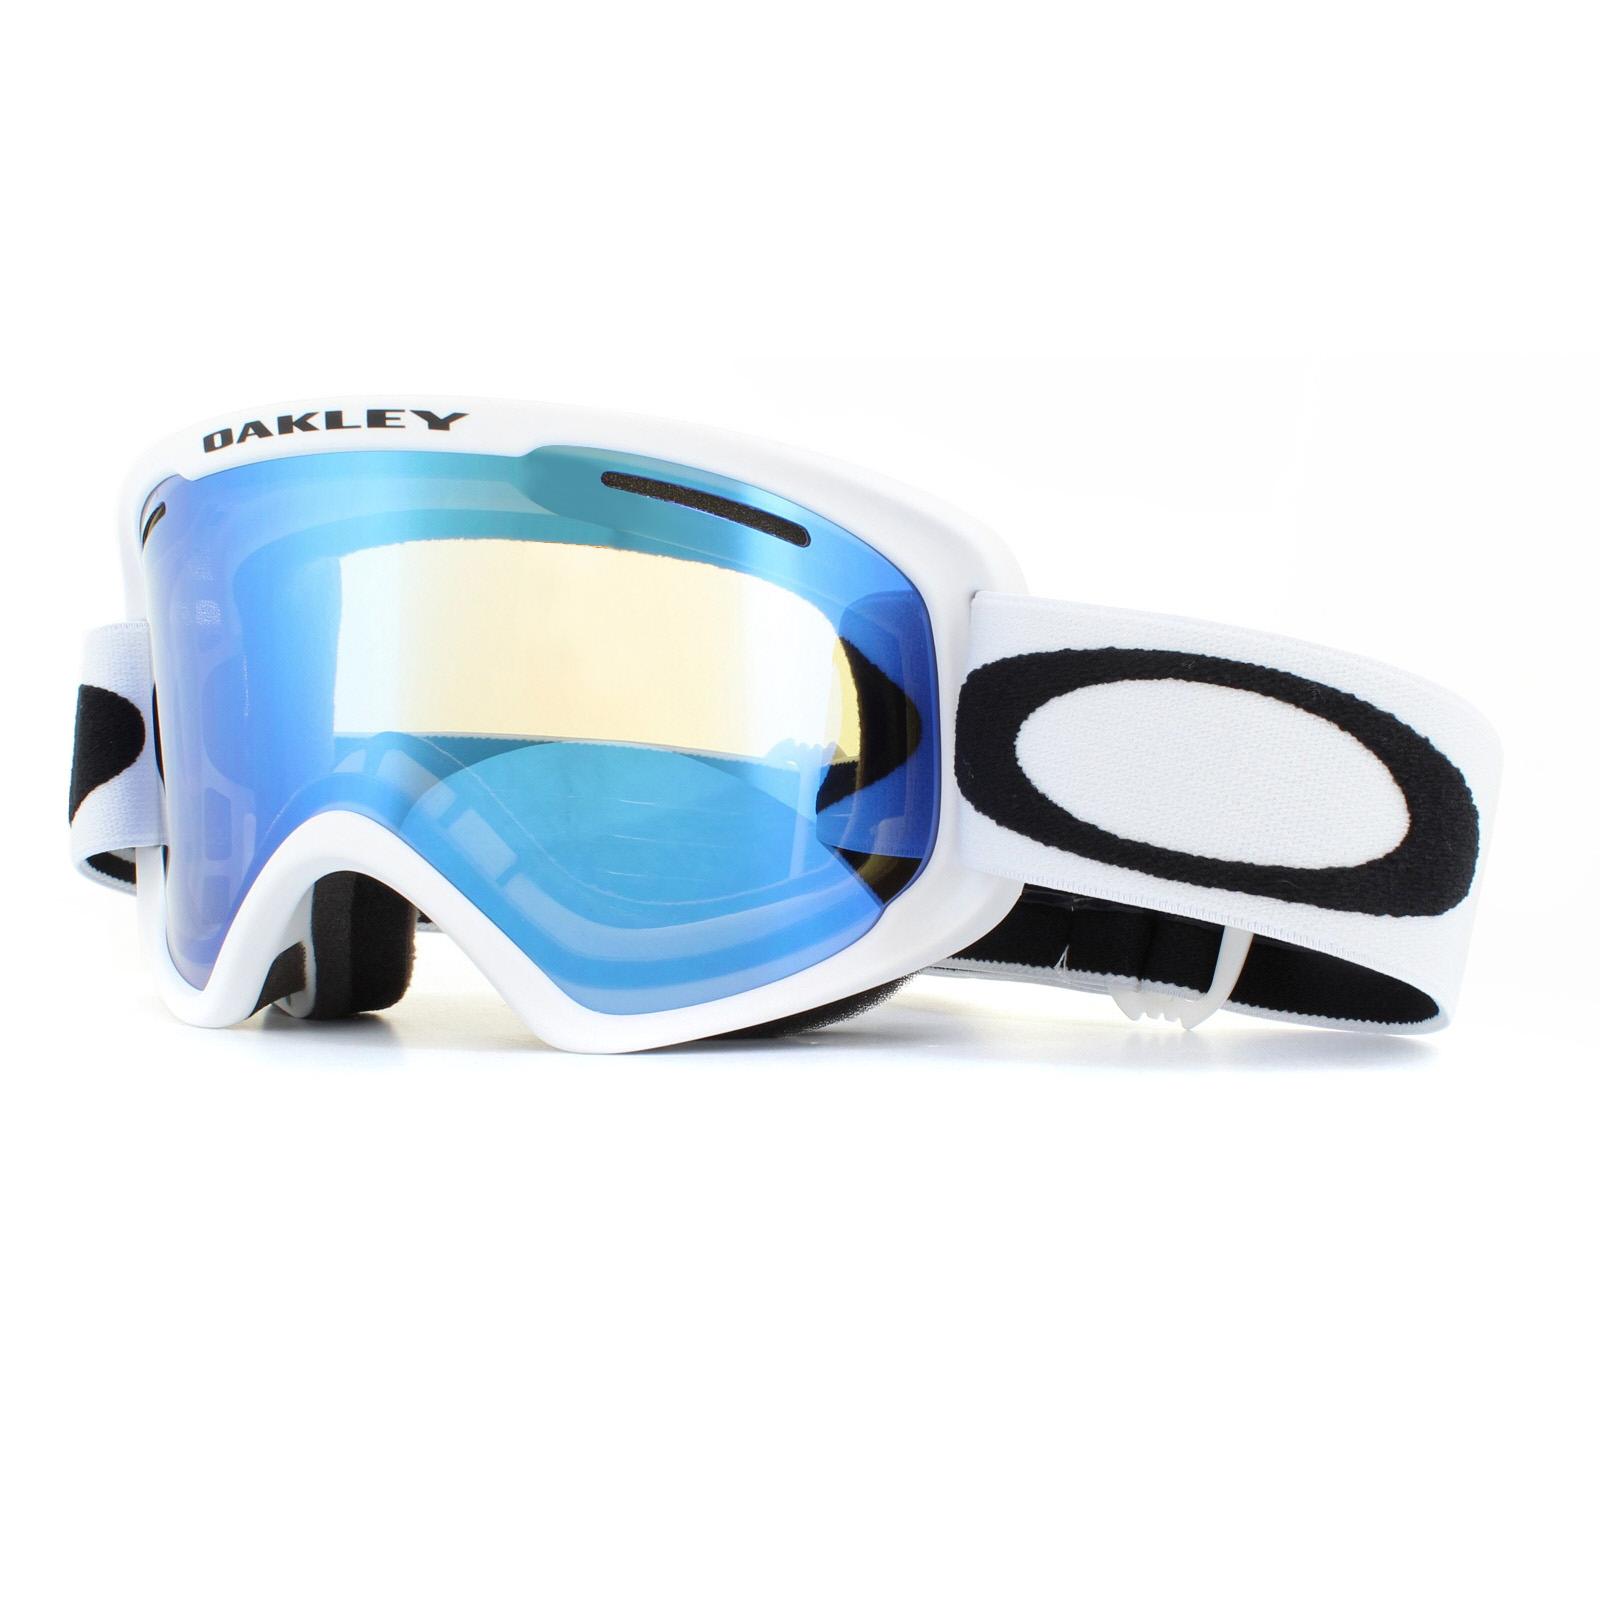 5b4860e329 Sentinel Oakley Ski Goggles O2 XM OO7066-55 Matte White Violet Iridium